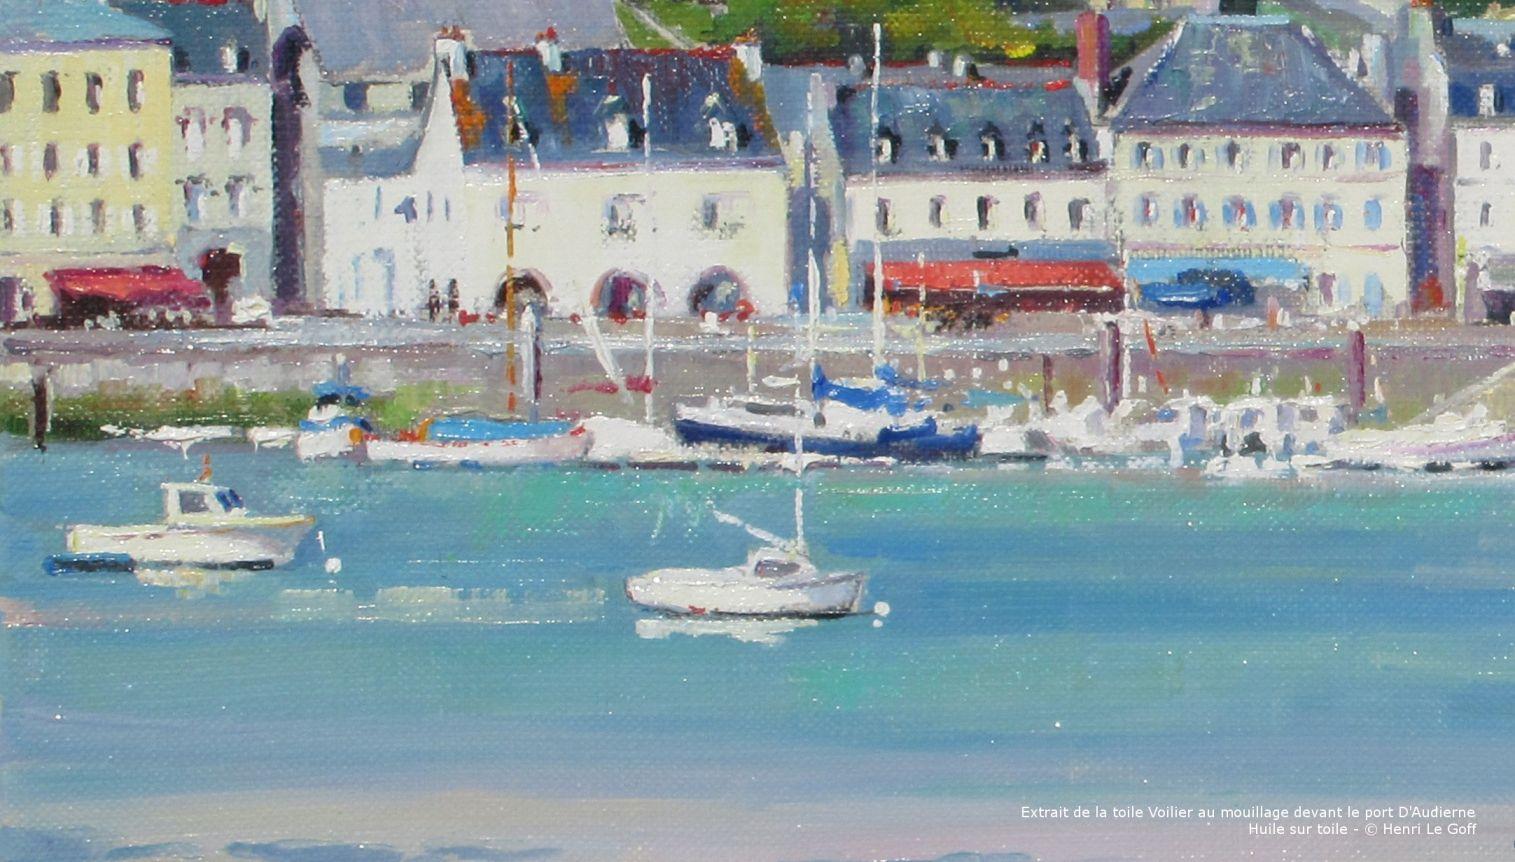 La Galerie 29 exposition Peinture marine Voilier a maree basse devant le port d Audierne Cap Sizun - Huile su toile Henri Le Goff